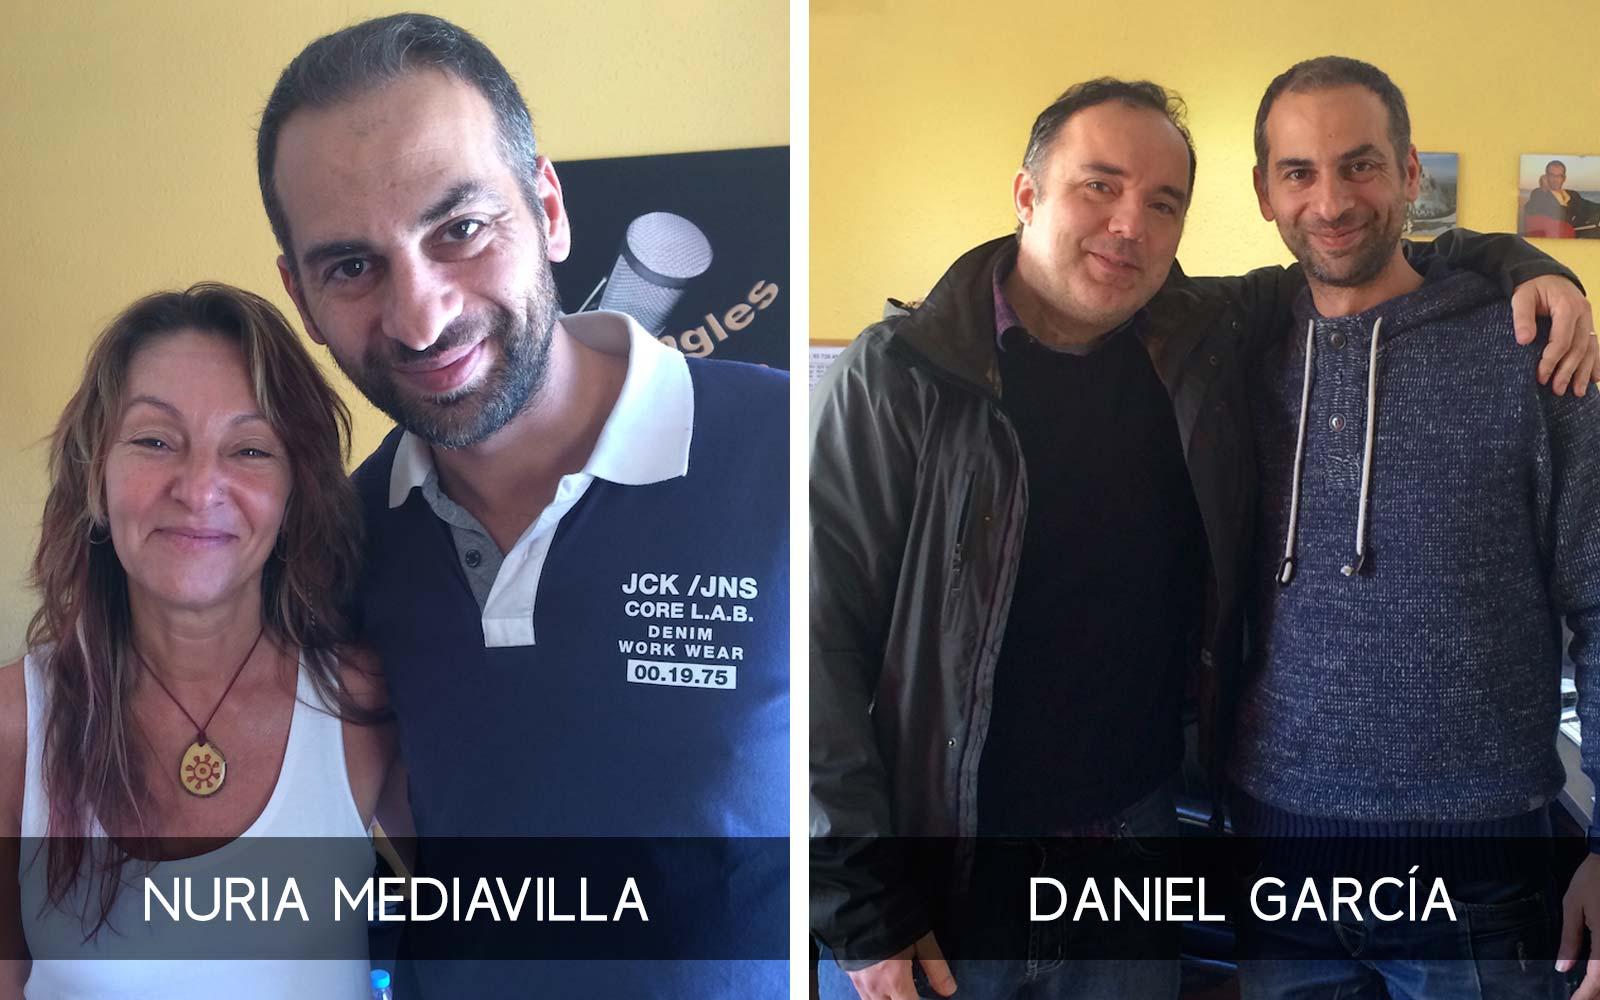 Nuria-Mediavilla-y-Daniel-Garcia-en-Todojingles